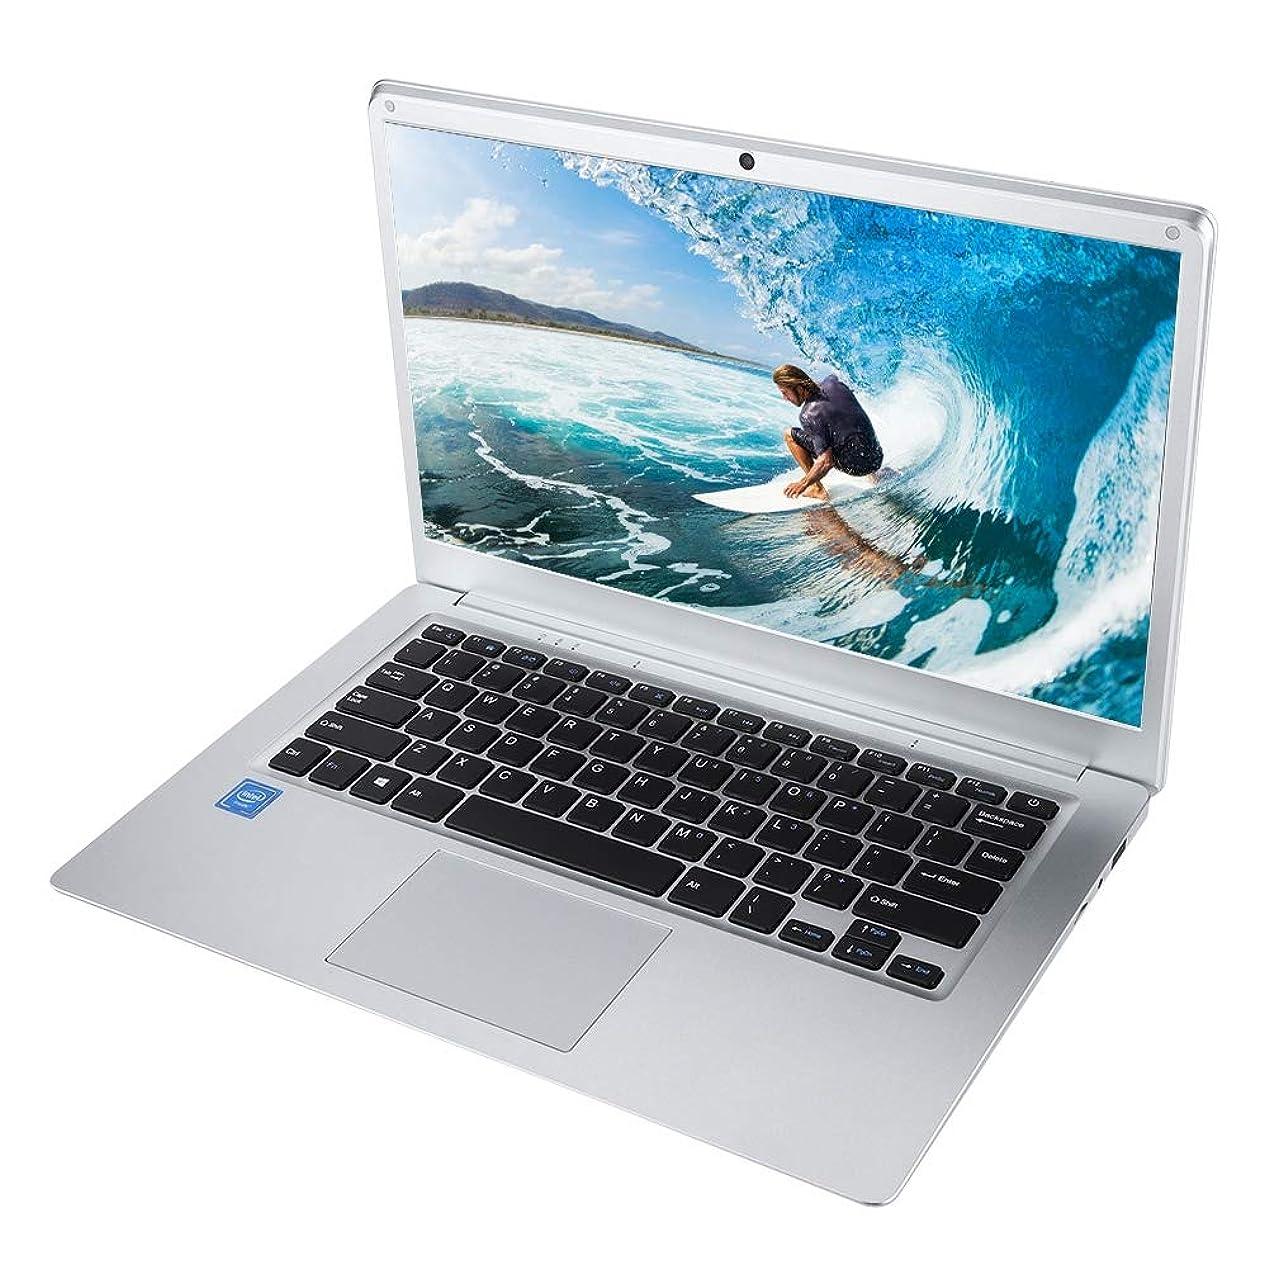 最高ケーブル仕出しますRicher-R ノートパソコンWindows 10 14インチLED HD 4コアBluetoothノートパソコン HDカメラ 大容量メモリ4G + 64G(シルバー)